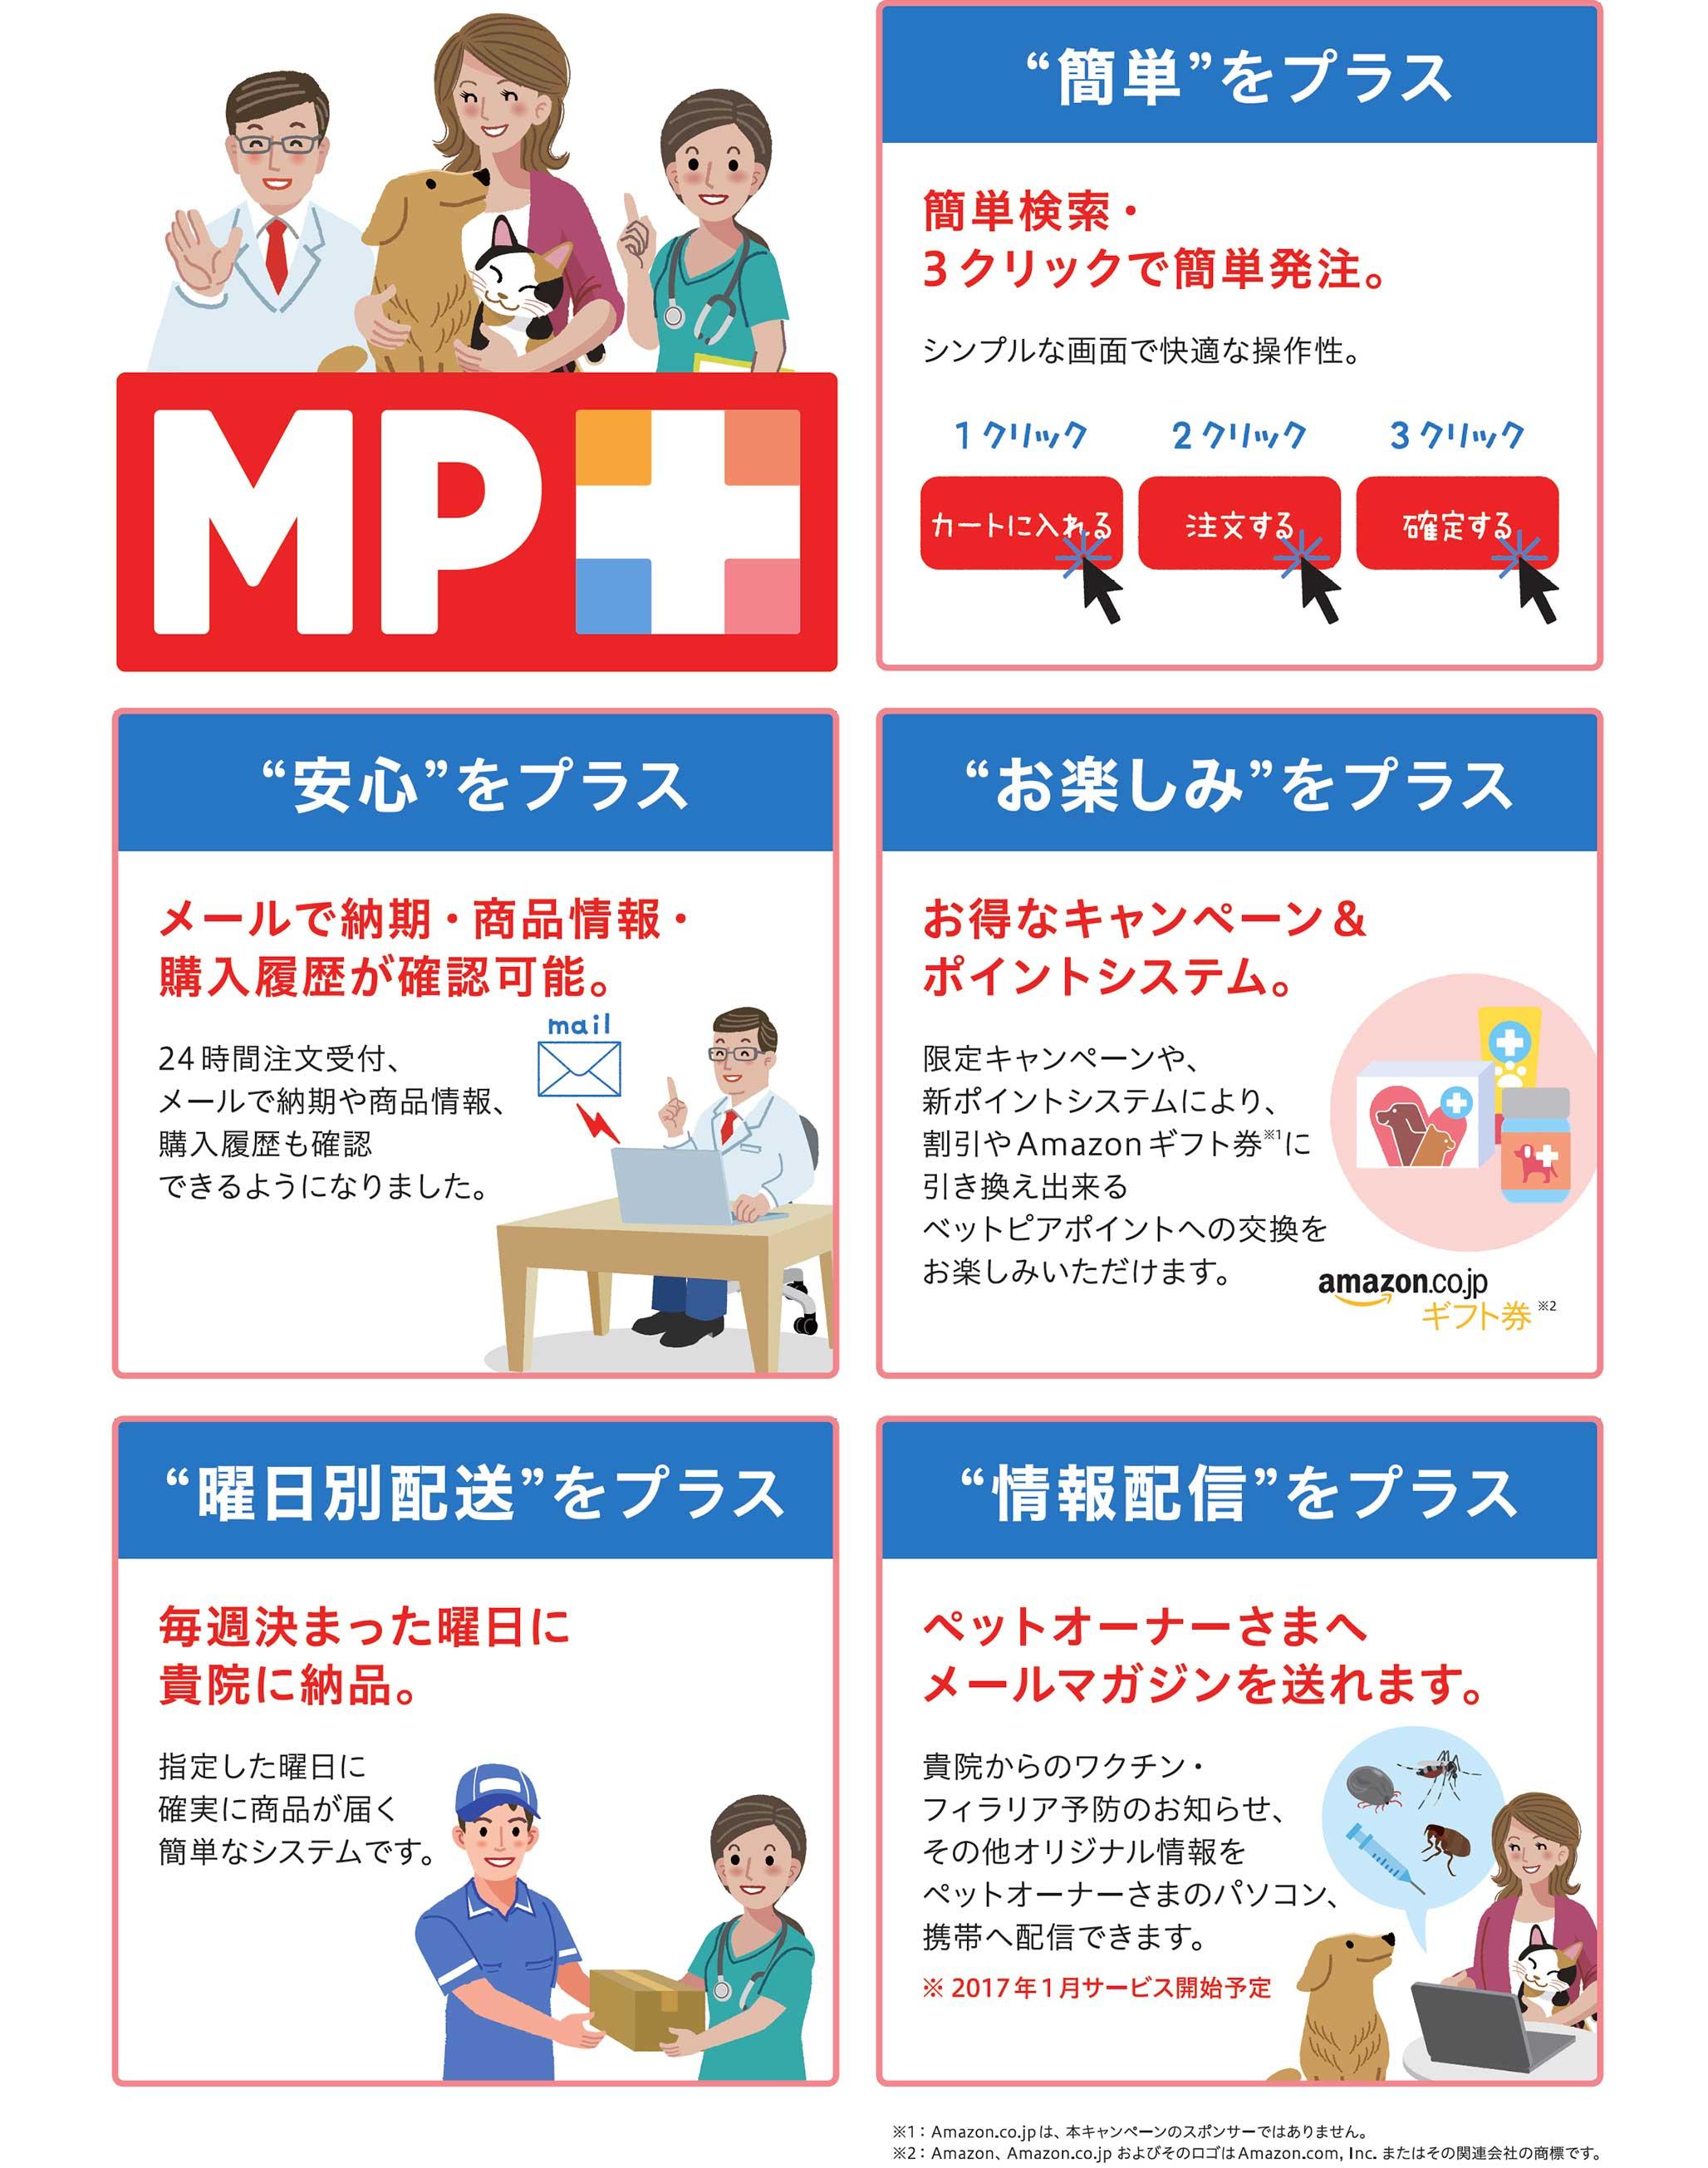 MP+とは